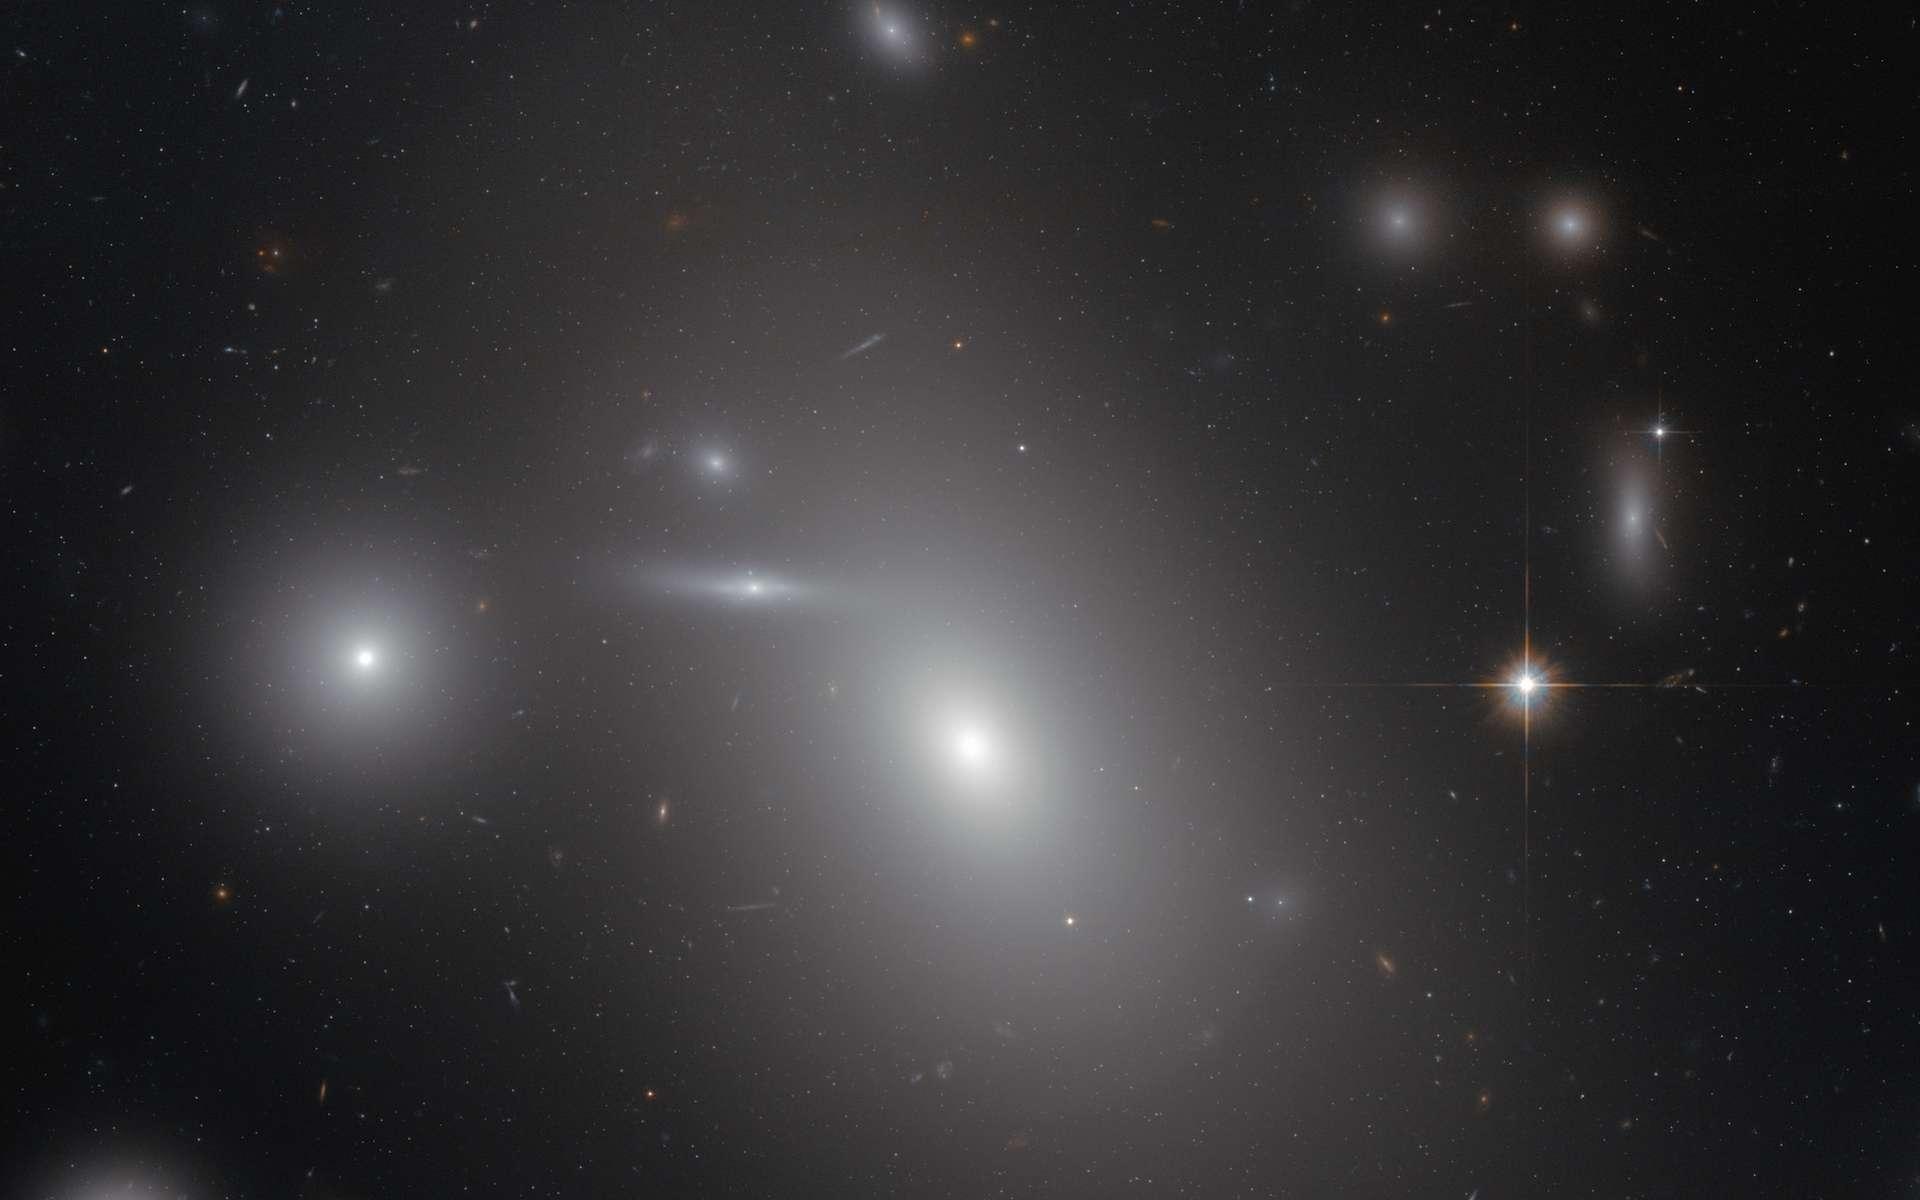 Découverte en 1785 par William Hershel, NGC 4889 est une galaxie elliptique supergéante. Située à seulement 300 millions d'années-lumière dans l'amas de la Chevelure de Bérénice (Coma cluster), elle cache, parmi les centaines de milliards d'étoiles qui la peuplent, un trou noir supermassif de 21 milliards de masses solaires (l'un des plus massifs connus, si ce n'est le plus gros). © Nasa, Esa